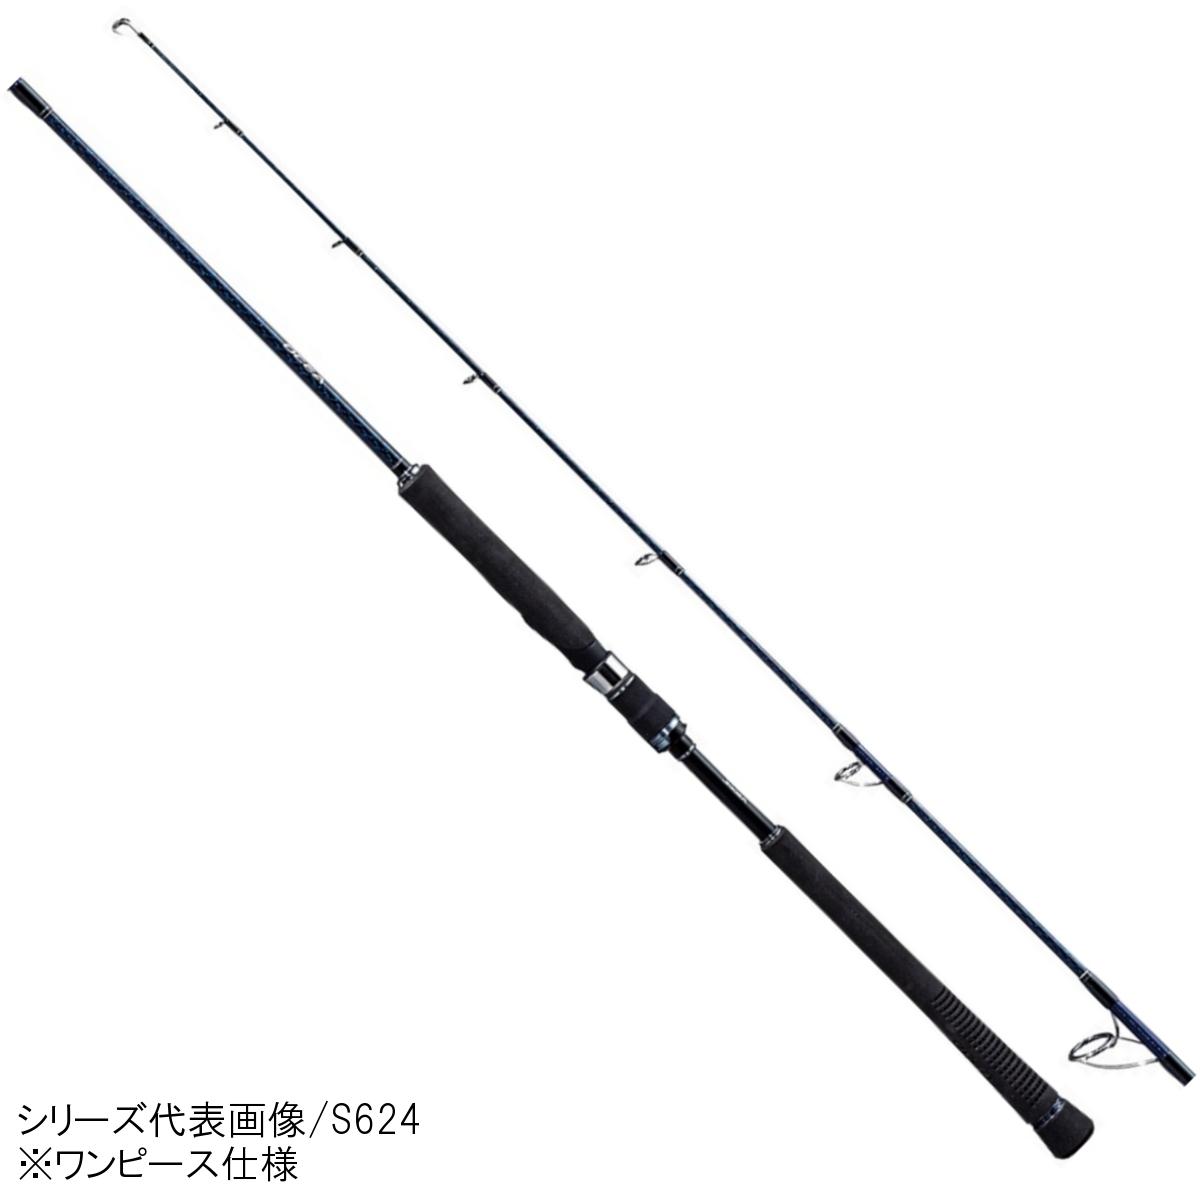 シマノ オシアジガー スピニング クイックジャーク(ショートレングスモデル) S58-6【大型商品】(東日本店)